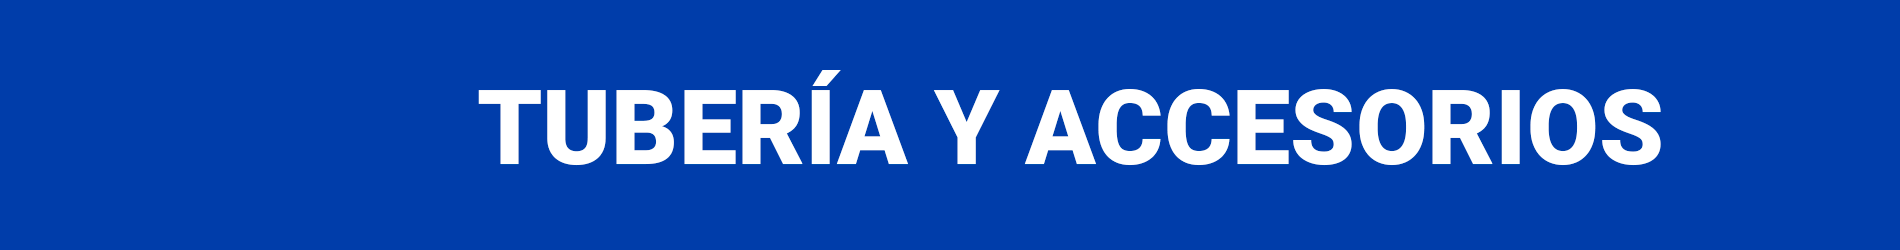 Tuberia-y-accesorios COMPASA